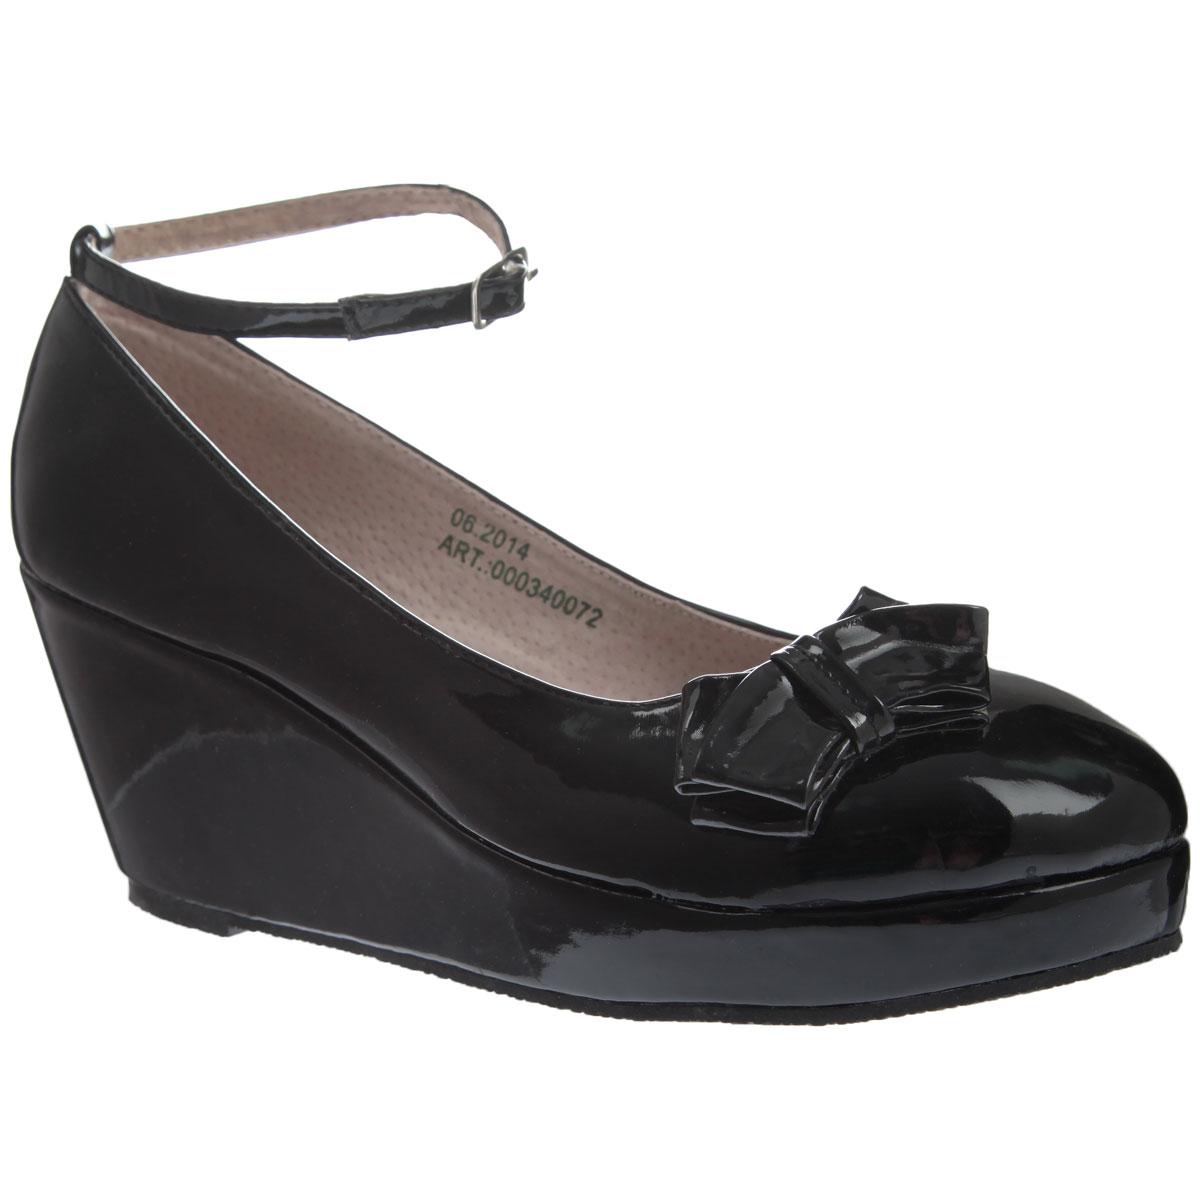 Туфли для девочки Аллигаша, цвет: черный. 000340072. Размер 38000340072Стильные модные туфли для девочки от торговой марки Аллигаша придутся по вкусу юным модницам. Модель выполнена из высококачественной искусственной лакированной кожи и украшена очаровательным бантиком с боку. Подклад и стелька выполнены из натуральной кожи.Изящный съемный ремешок позволяет использовать данную модель, как с ним, так и без него. Туфли на танкетке и не большой платформе очень комфортны и удобны в носке. Эти туфли созданы для стильных юных модниц!